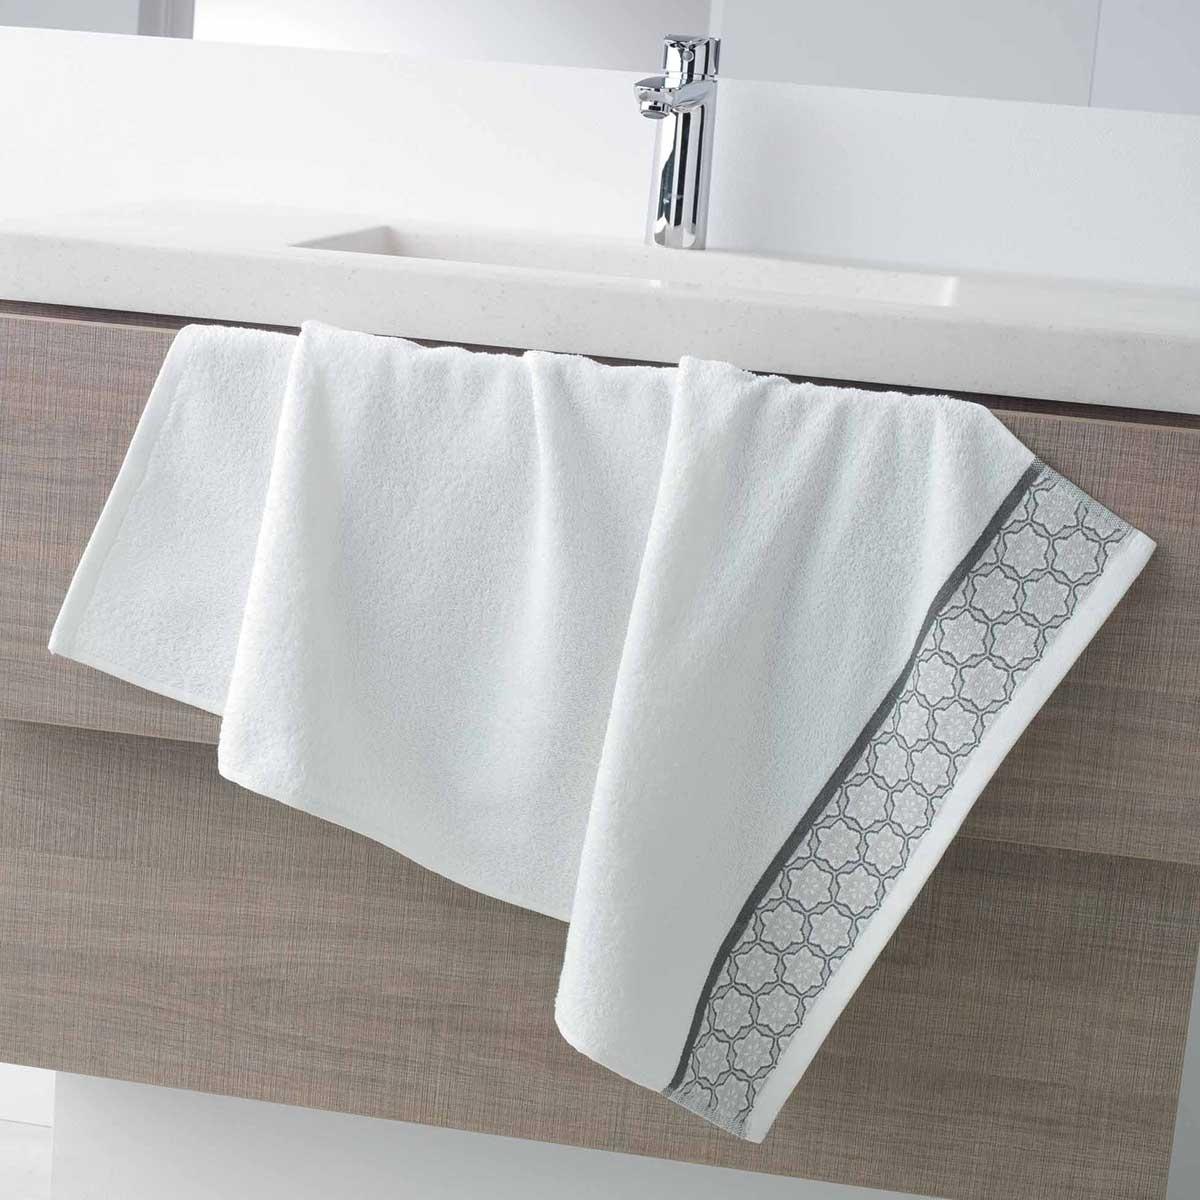 Serviette de Toilette en Eponge Unie avec Liteau Jacquard (Blanc)